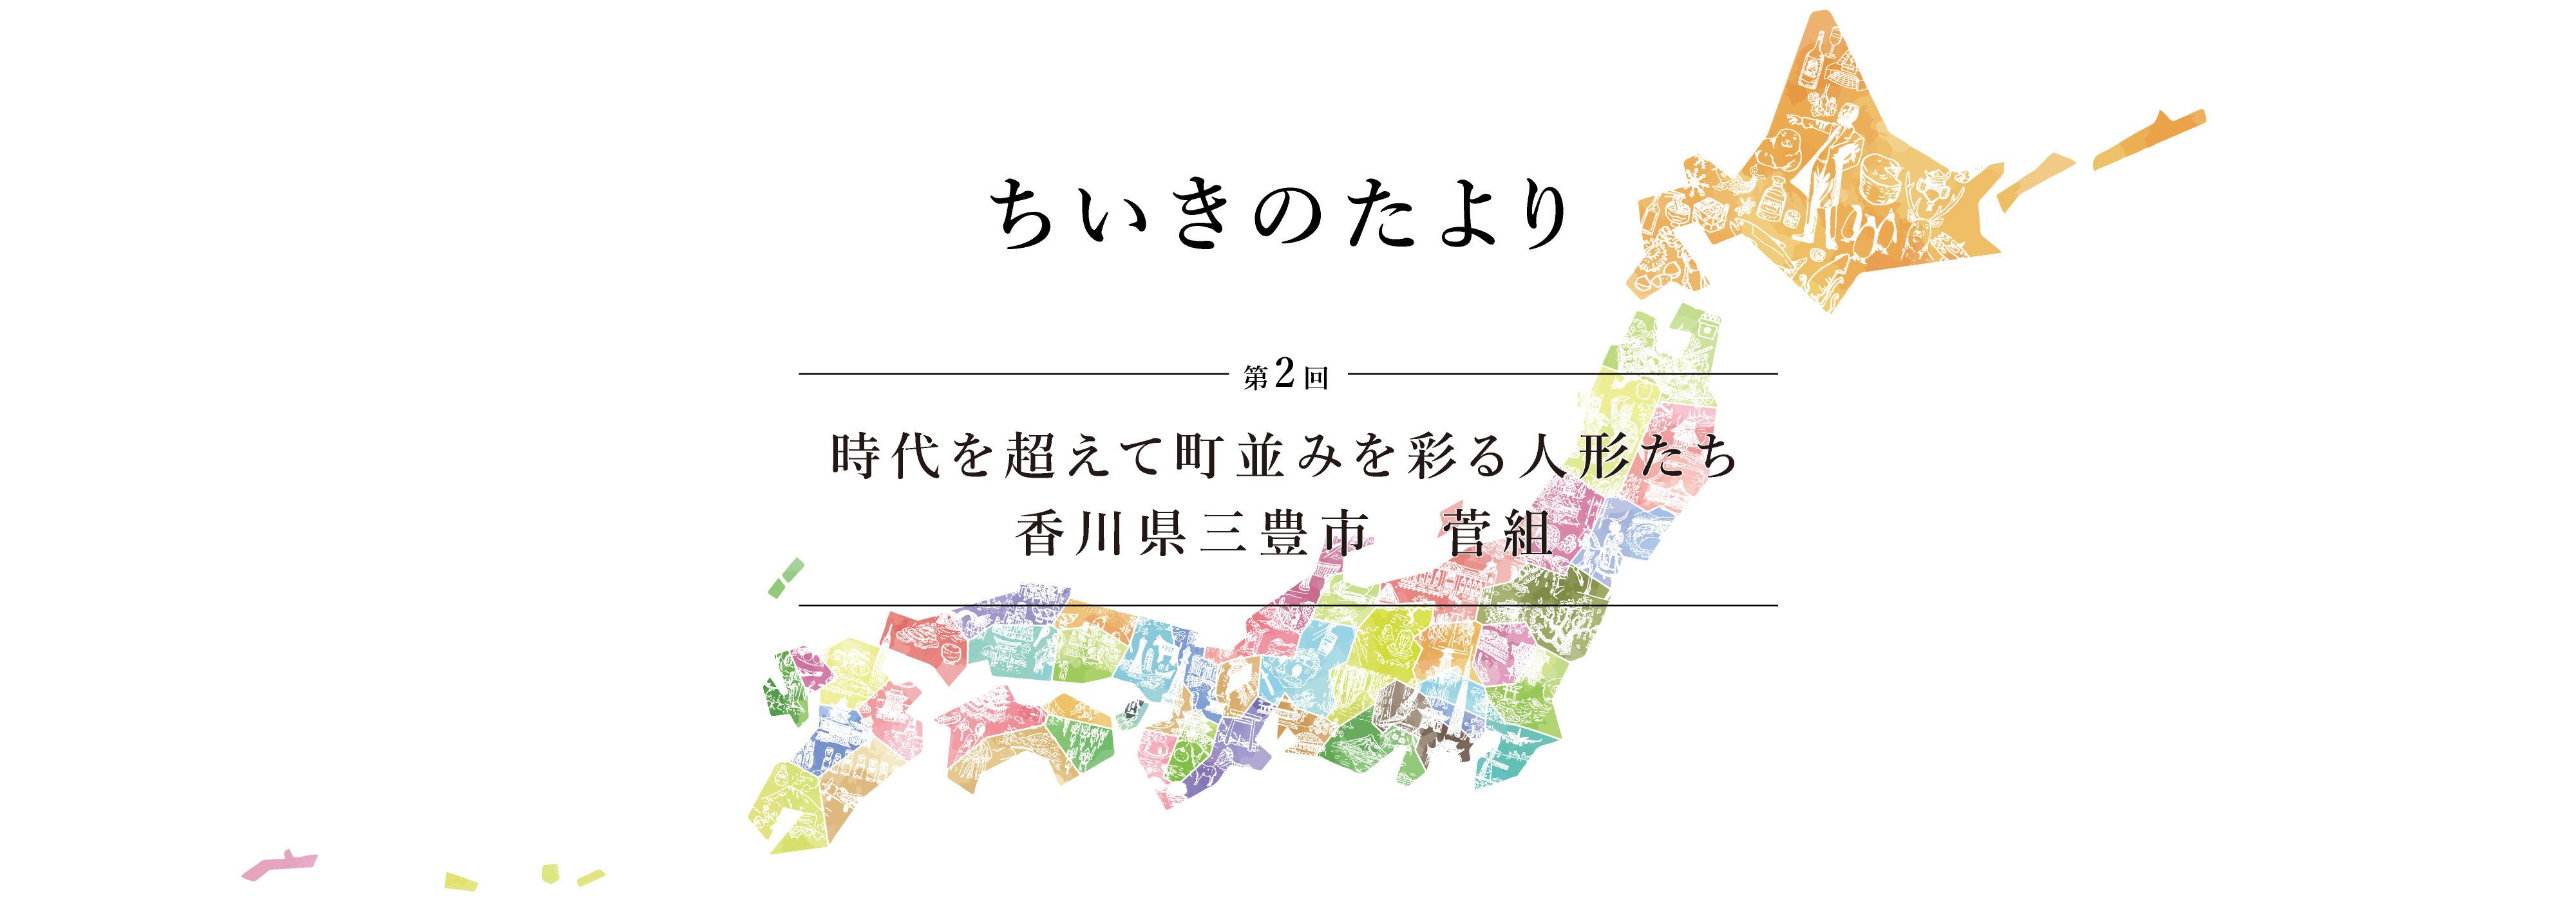 時代を超えて町並みを彩る人形たち香川県三豊市 菅組